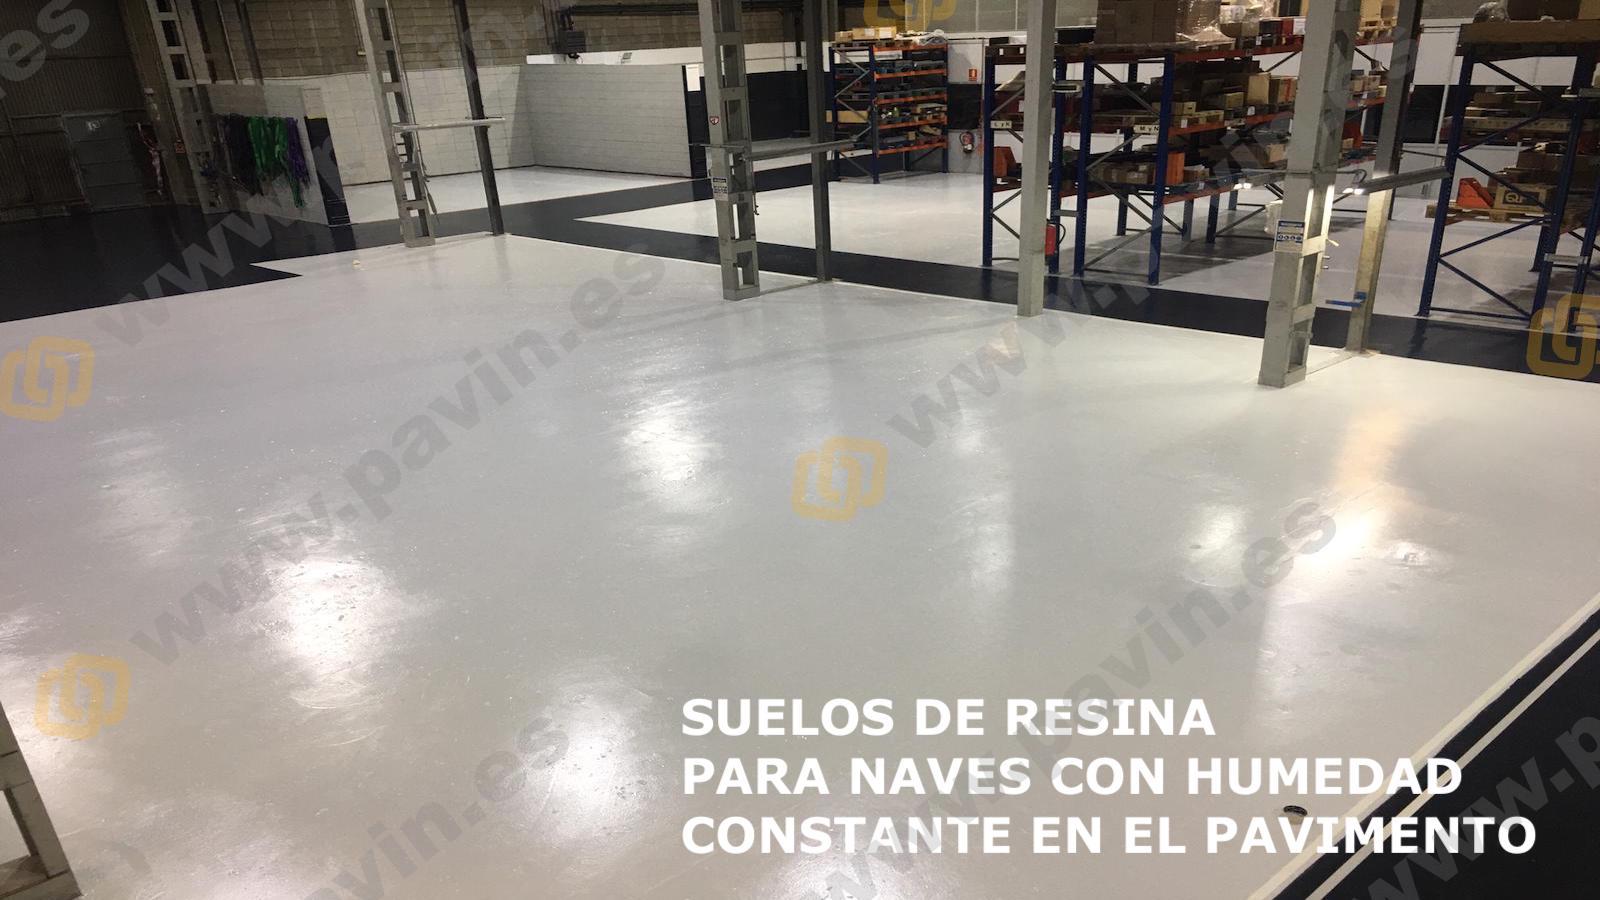 Pintar suelos de resina para naves con humedad constante en el pavimento industrial